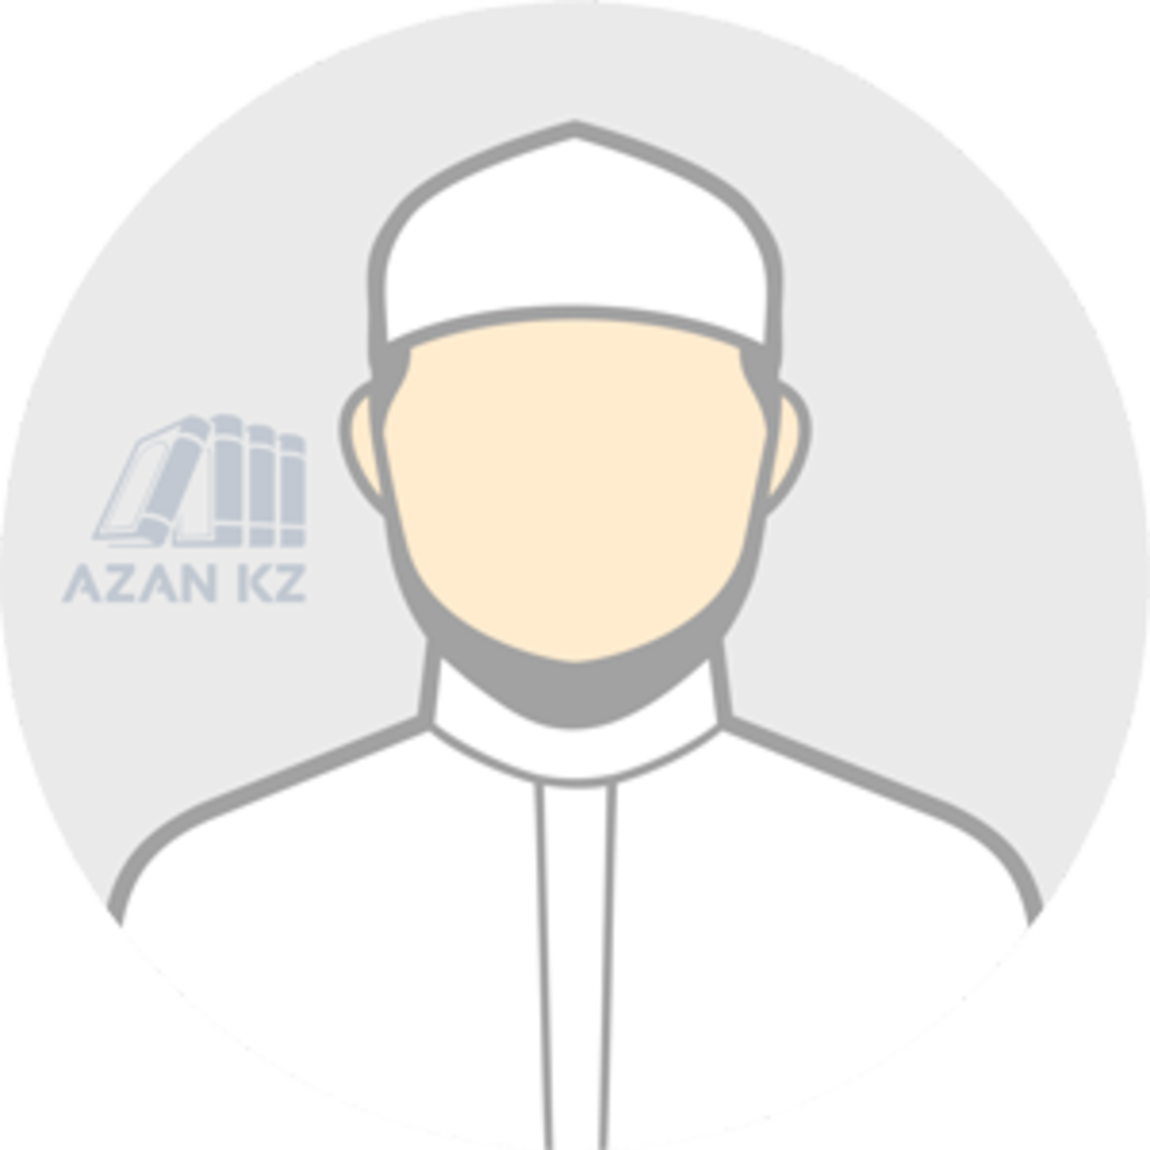 Nikyah azan kz seznamovací index